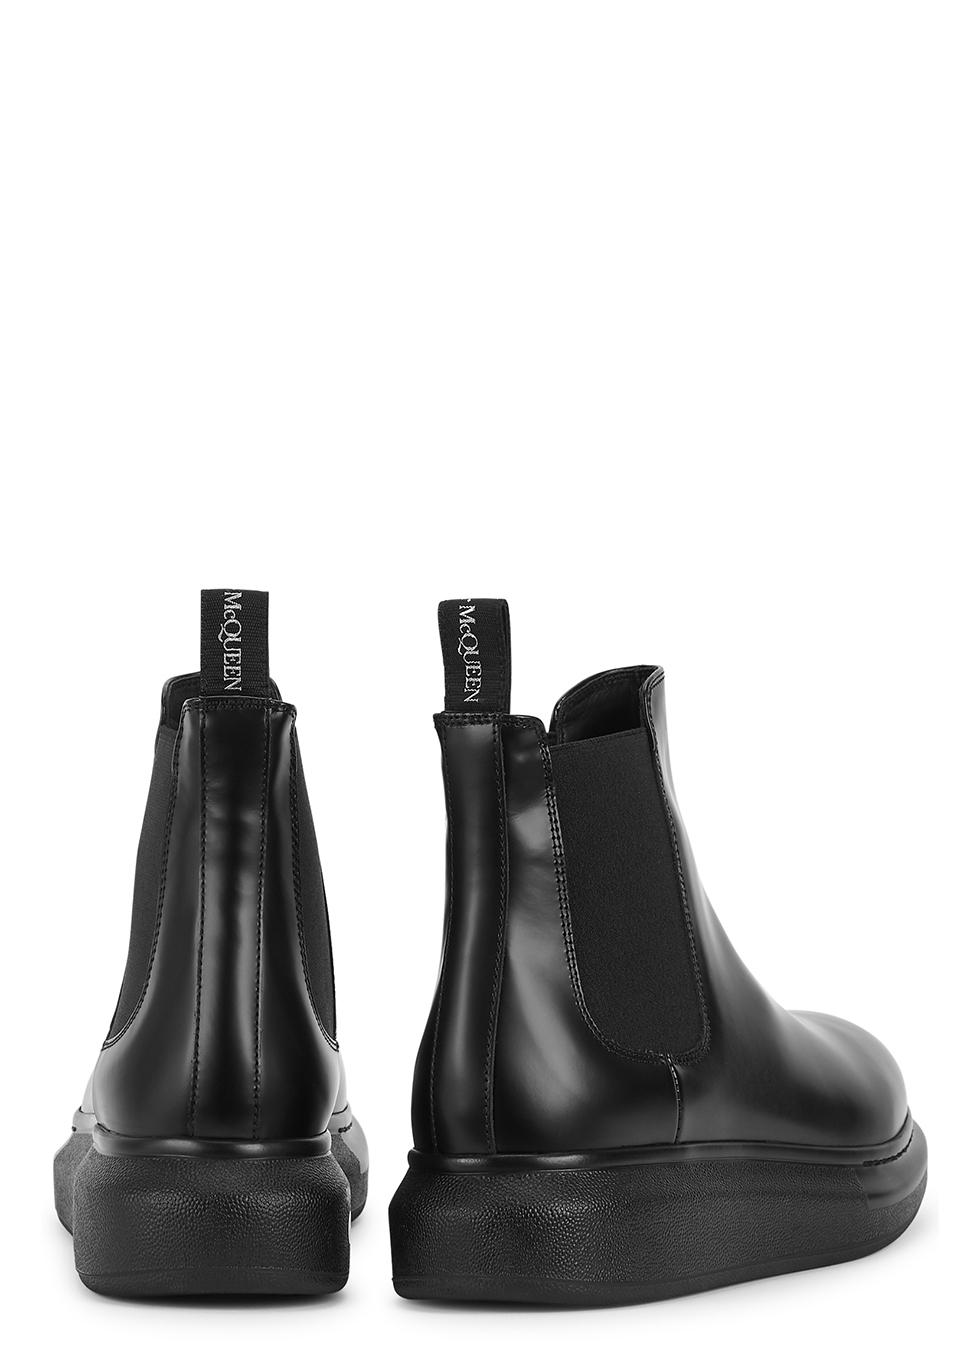 Alexander McQueen Pull On Boot Men's